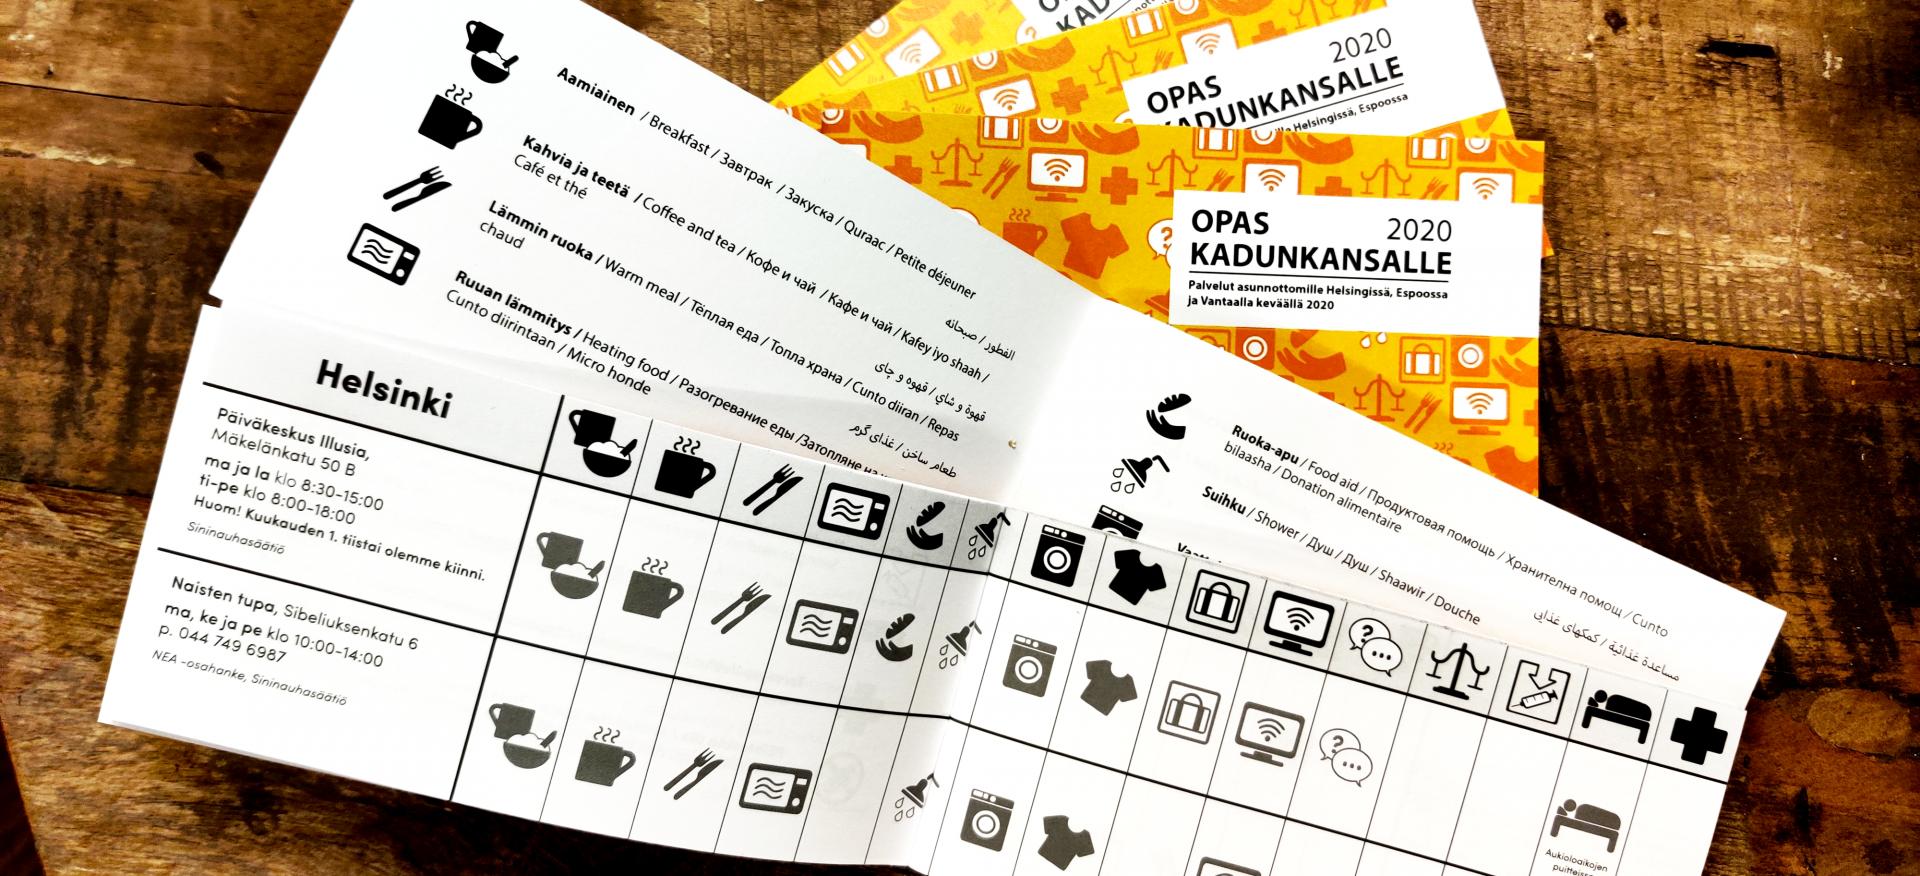 Taulukko Helsingin asunnottomien palveluista, joissa eri palvelut on kuvattu ikonien avulla, esimerkiksi ruokailu on kuvattu haarukalla ja veitsellä.